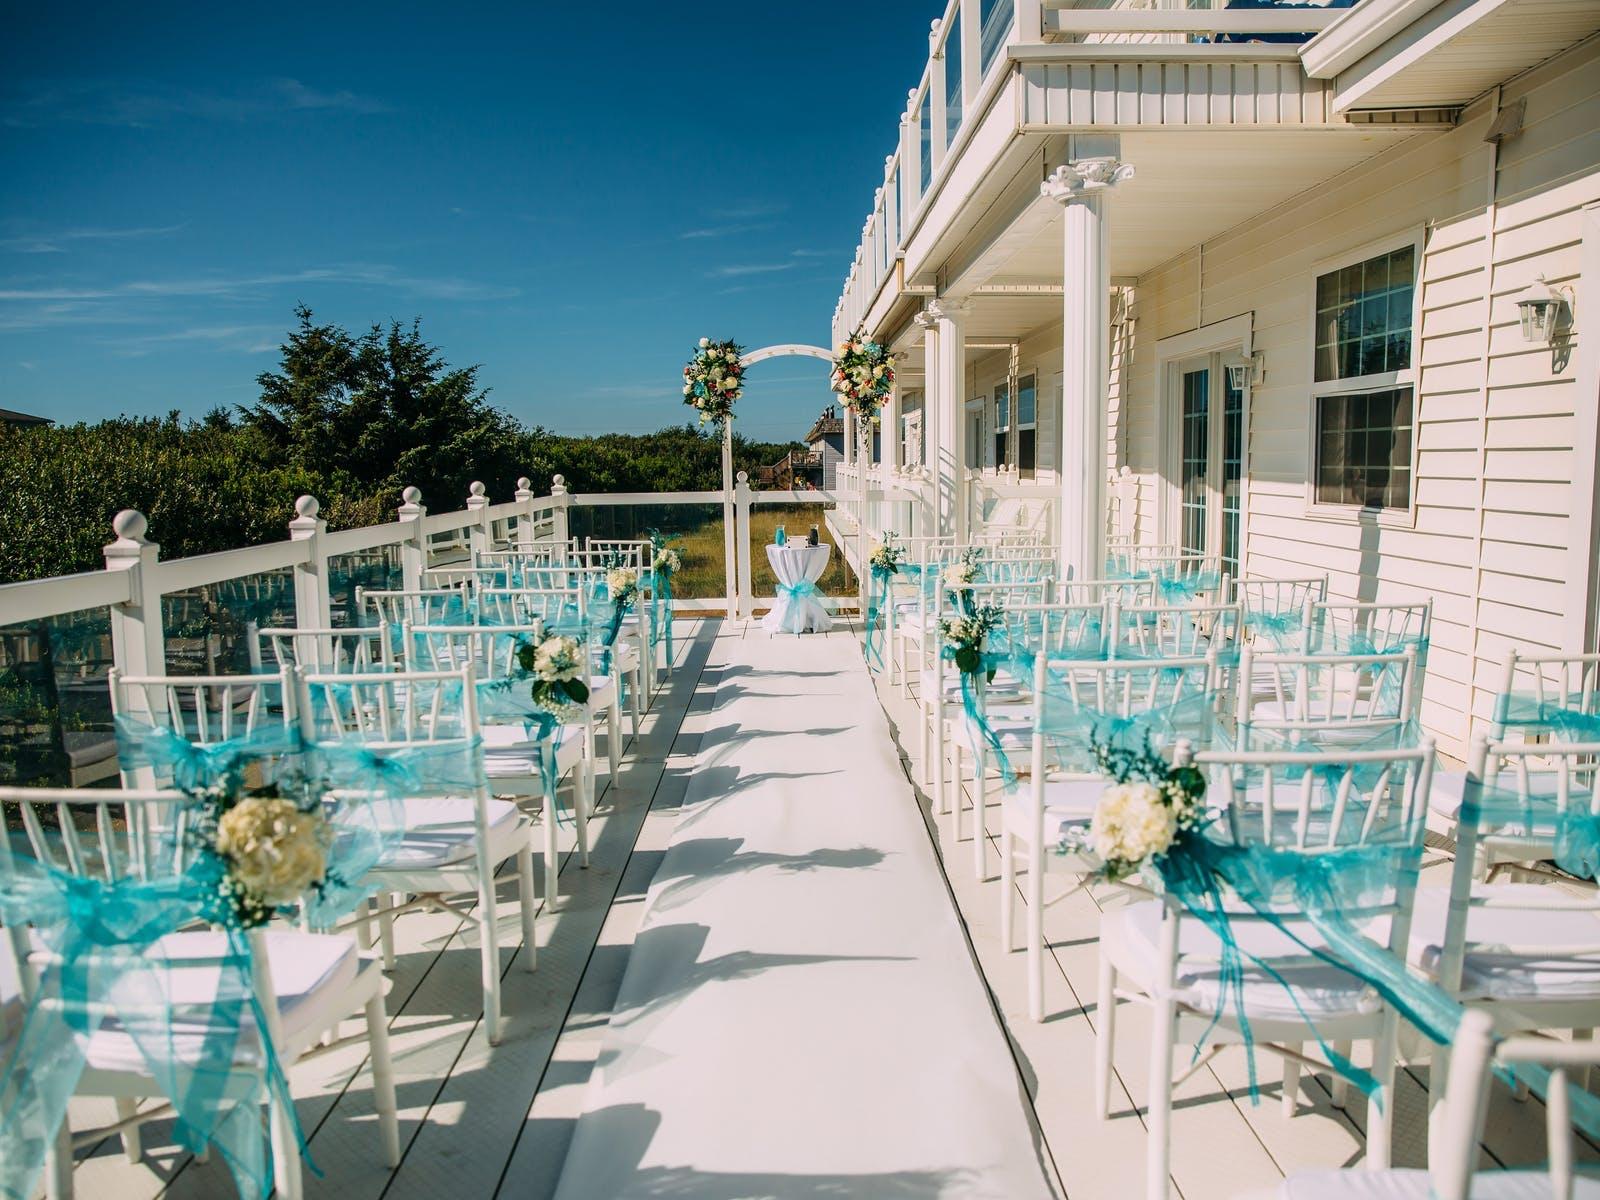 Outdoor wedding ceremony set-up in Ocean Shores, WA